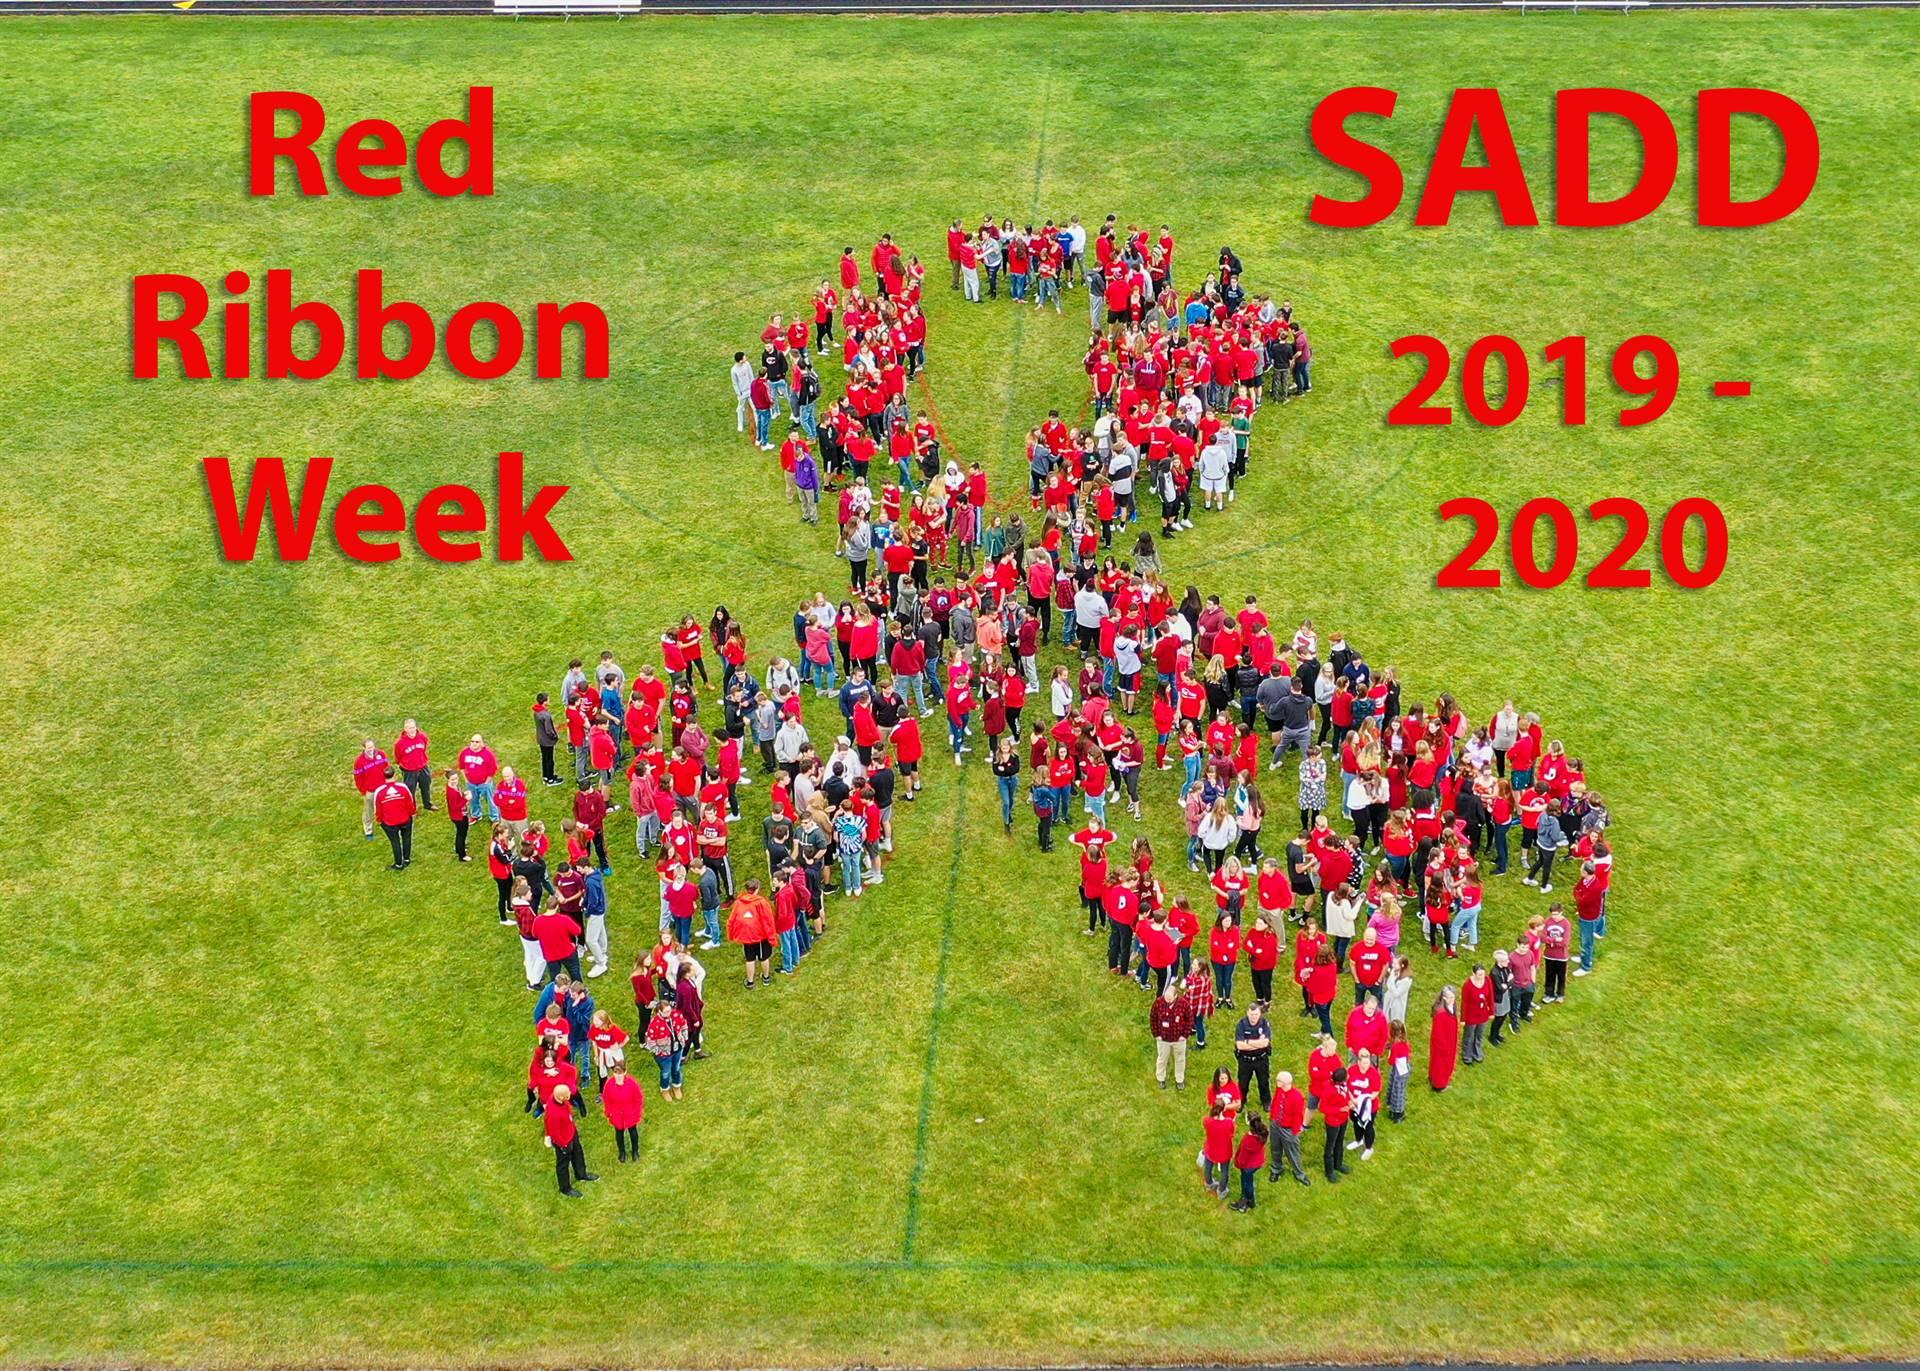 SADD Red Ribbon Week 2019-2020